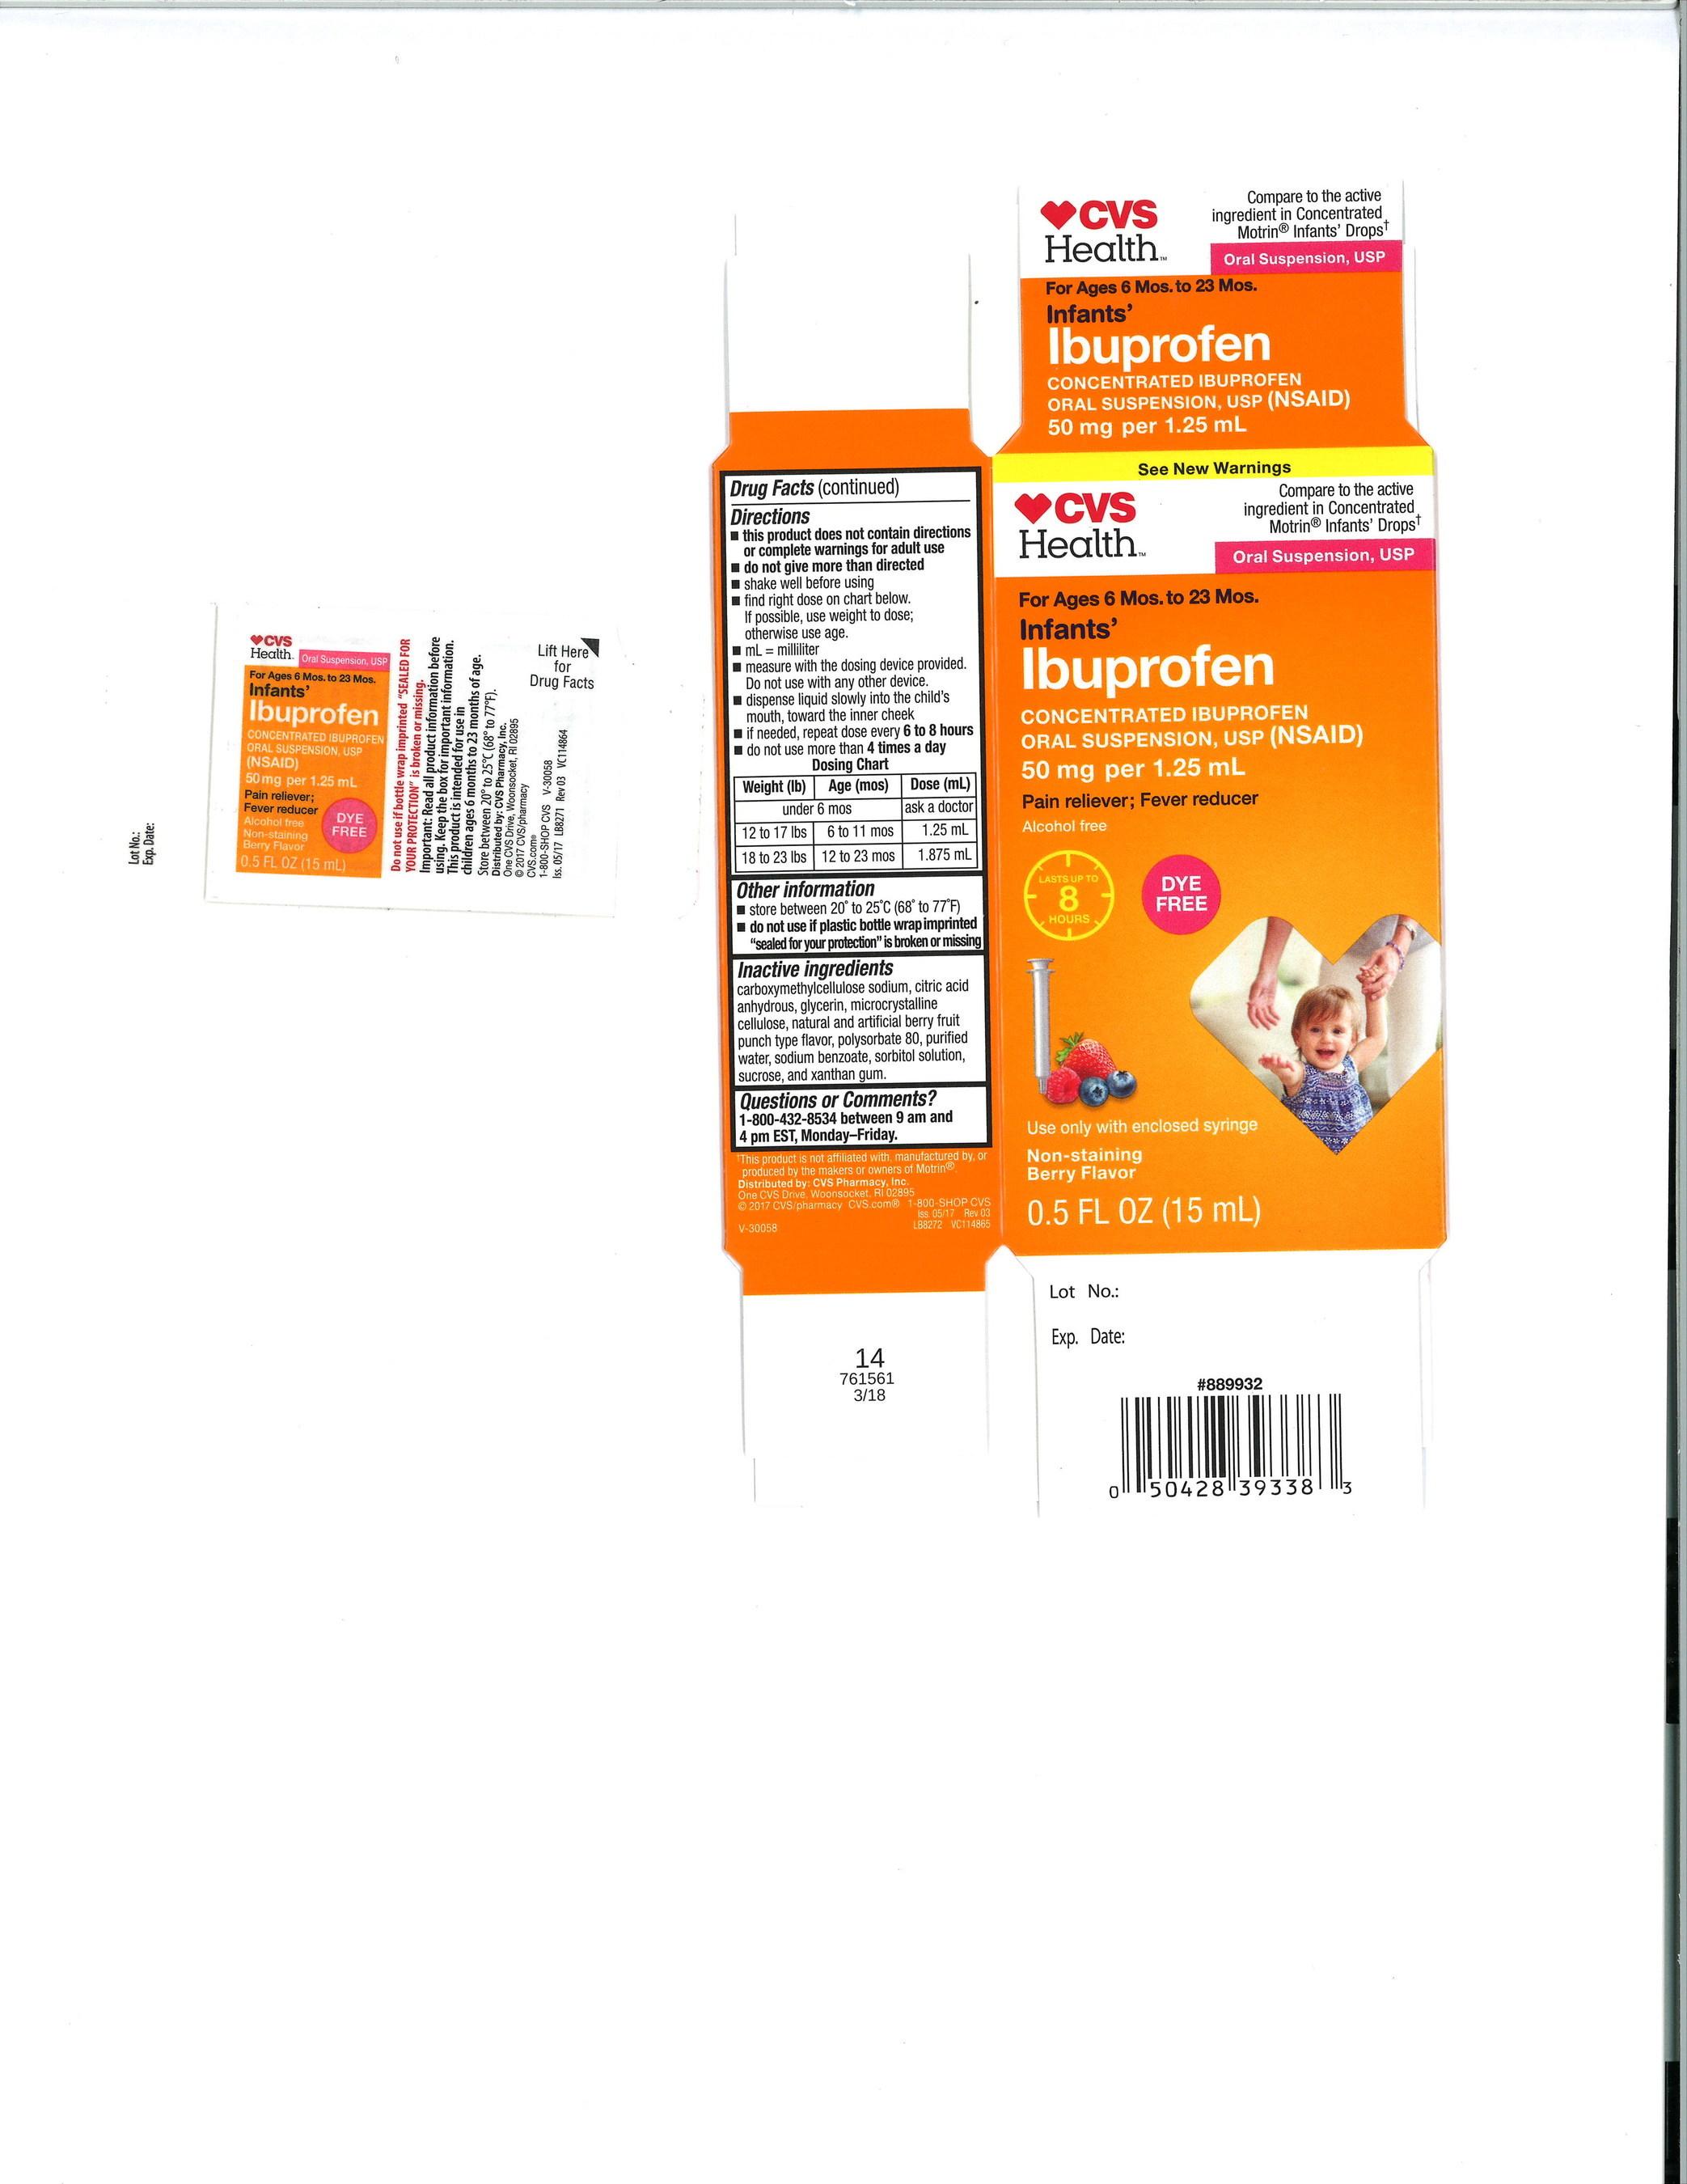 Tris Pharma 1